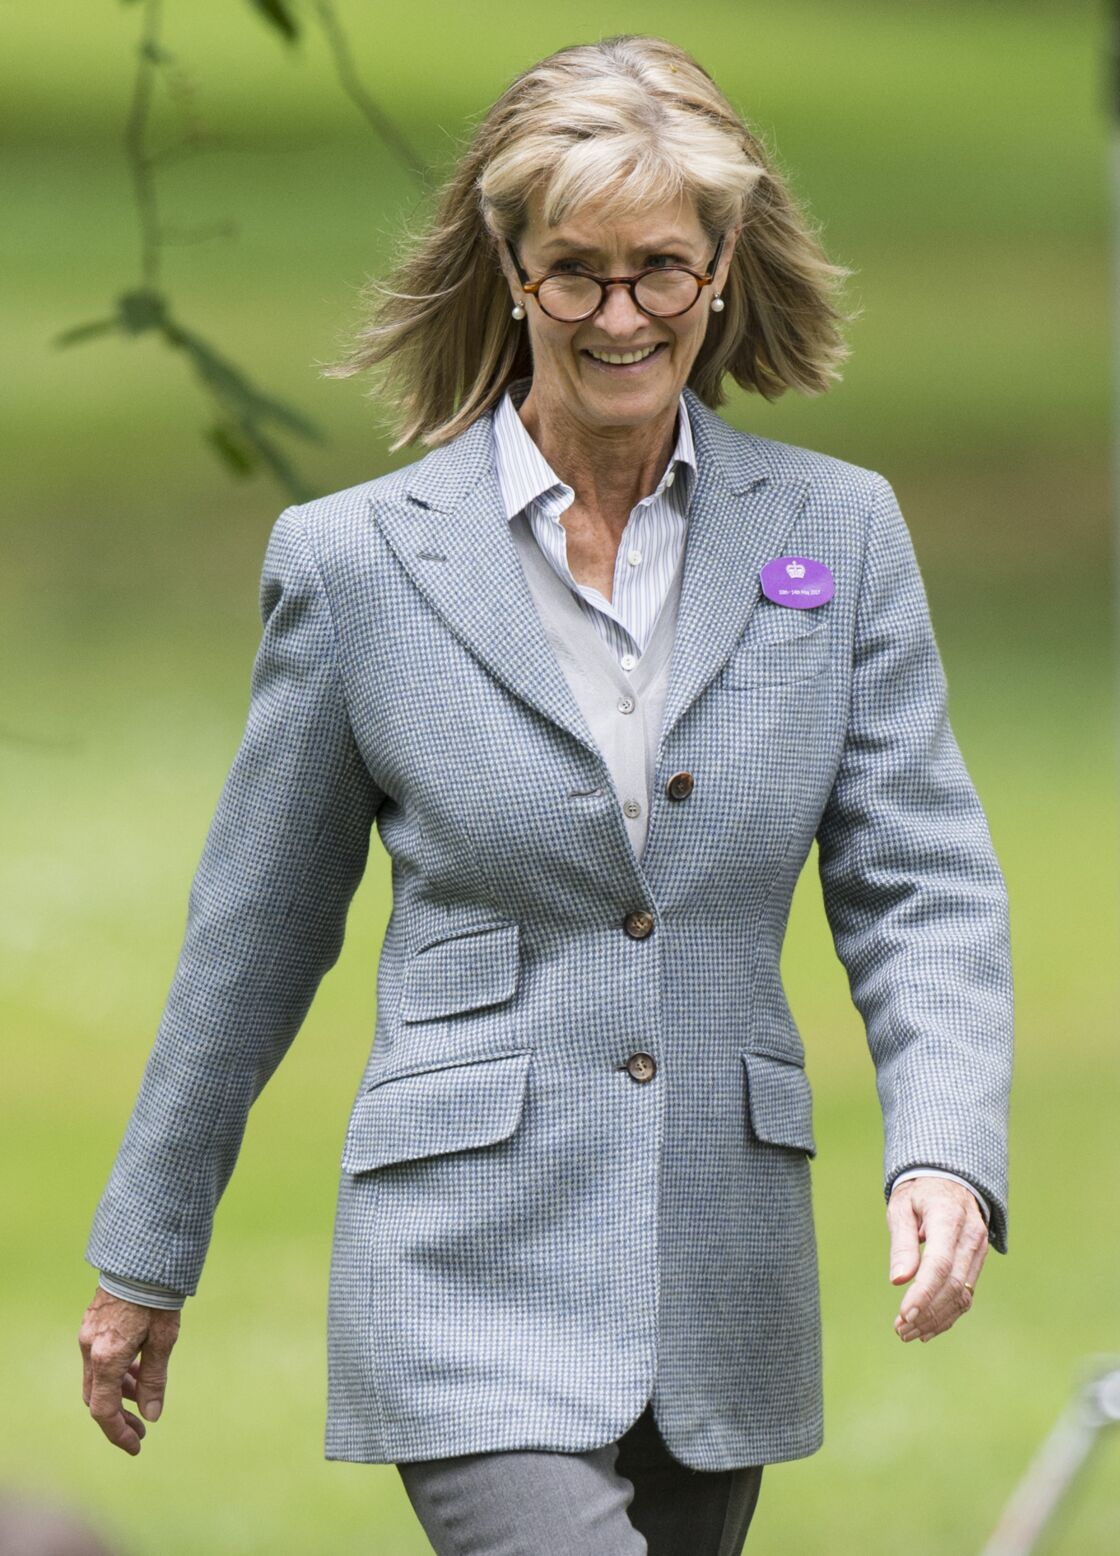 Lady Penny Bradbourne, comtesse Mountbatten de Birmanie, à Windsor, à l'occasion du Royal Horse Show, en mai 2017.